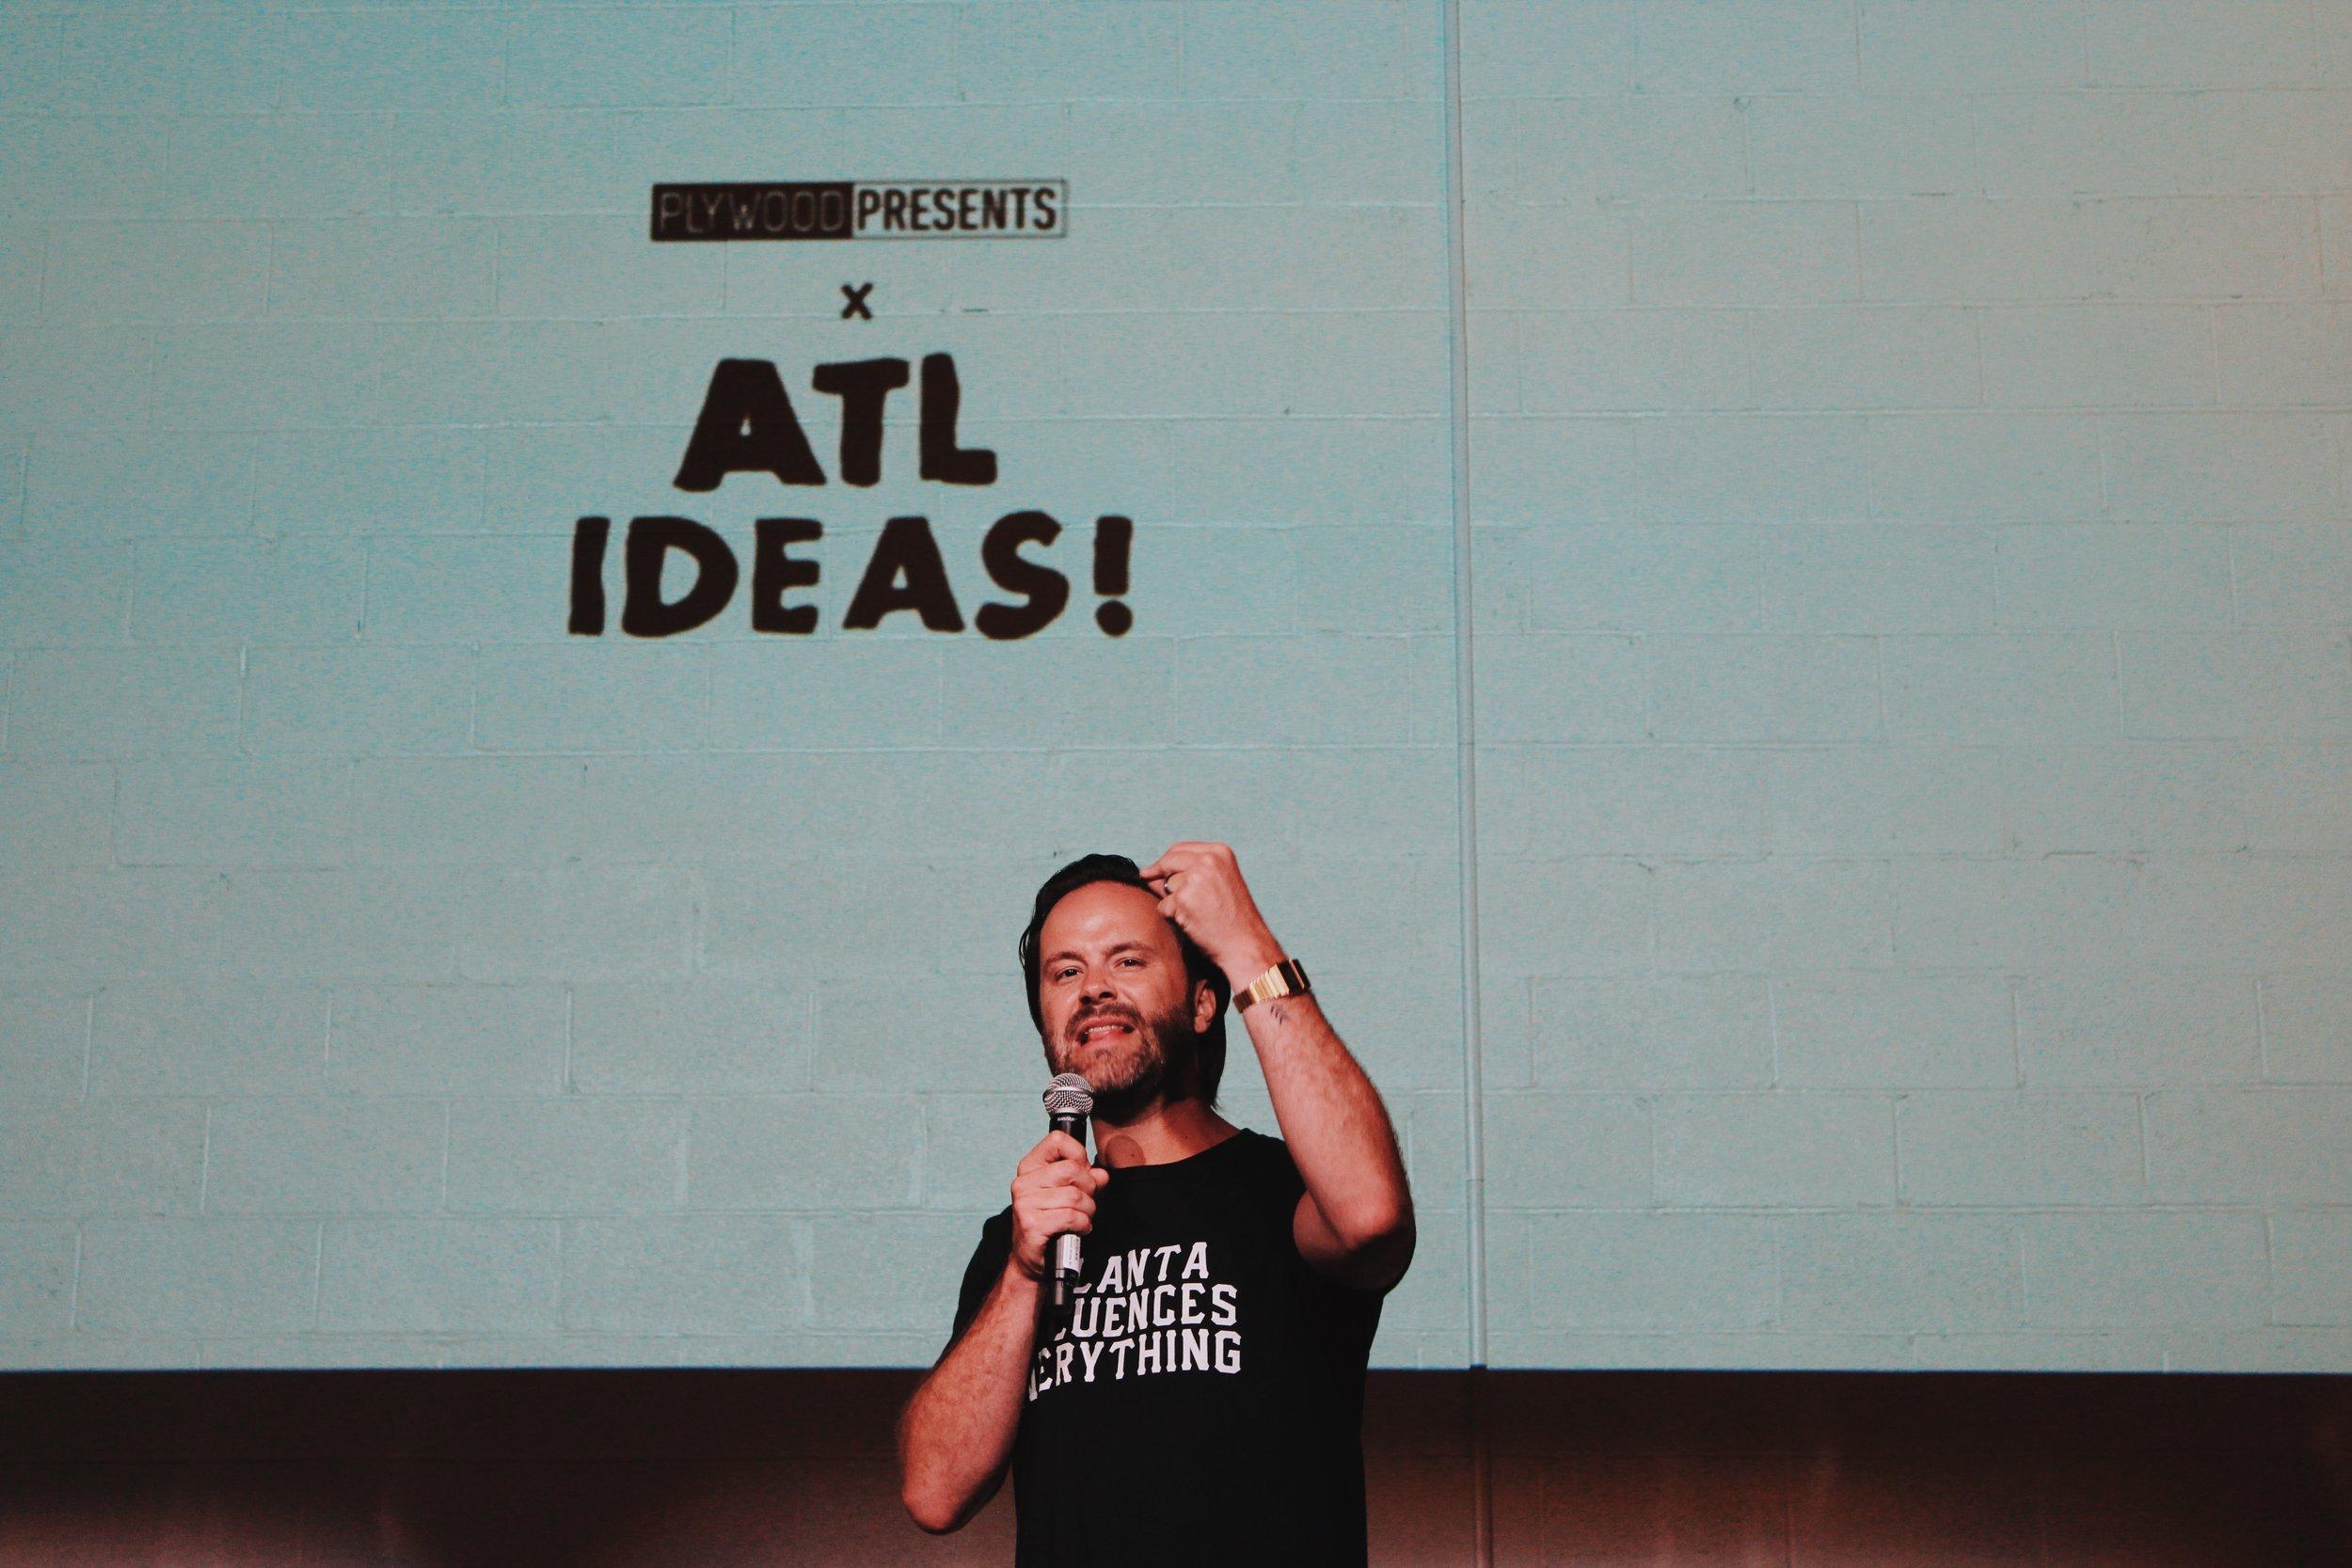 211 ATL Ideas.JPG